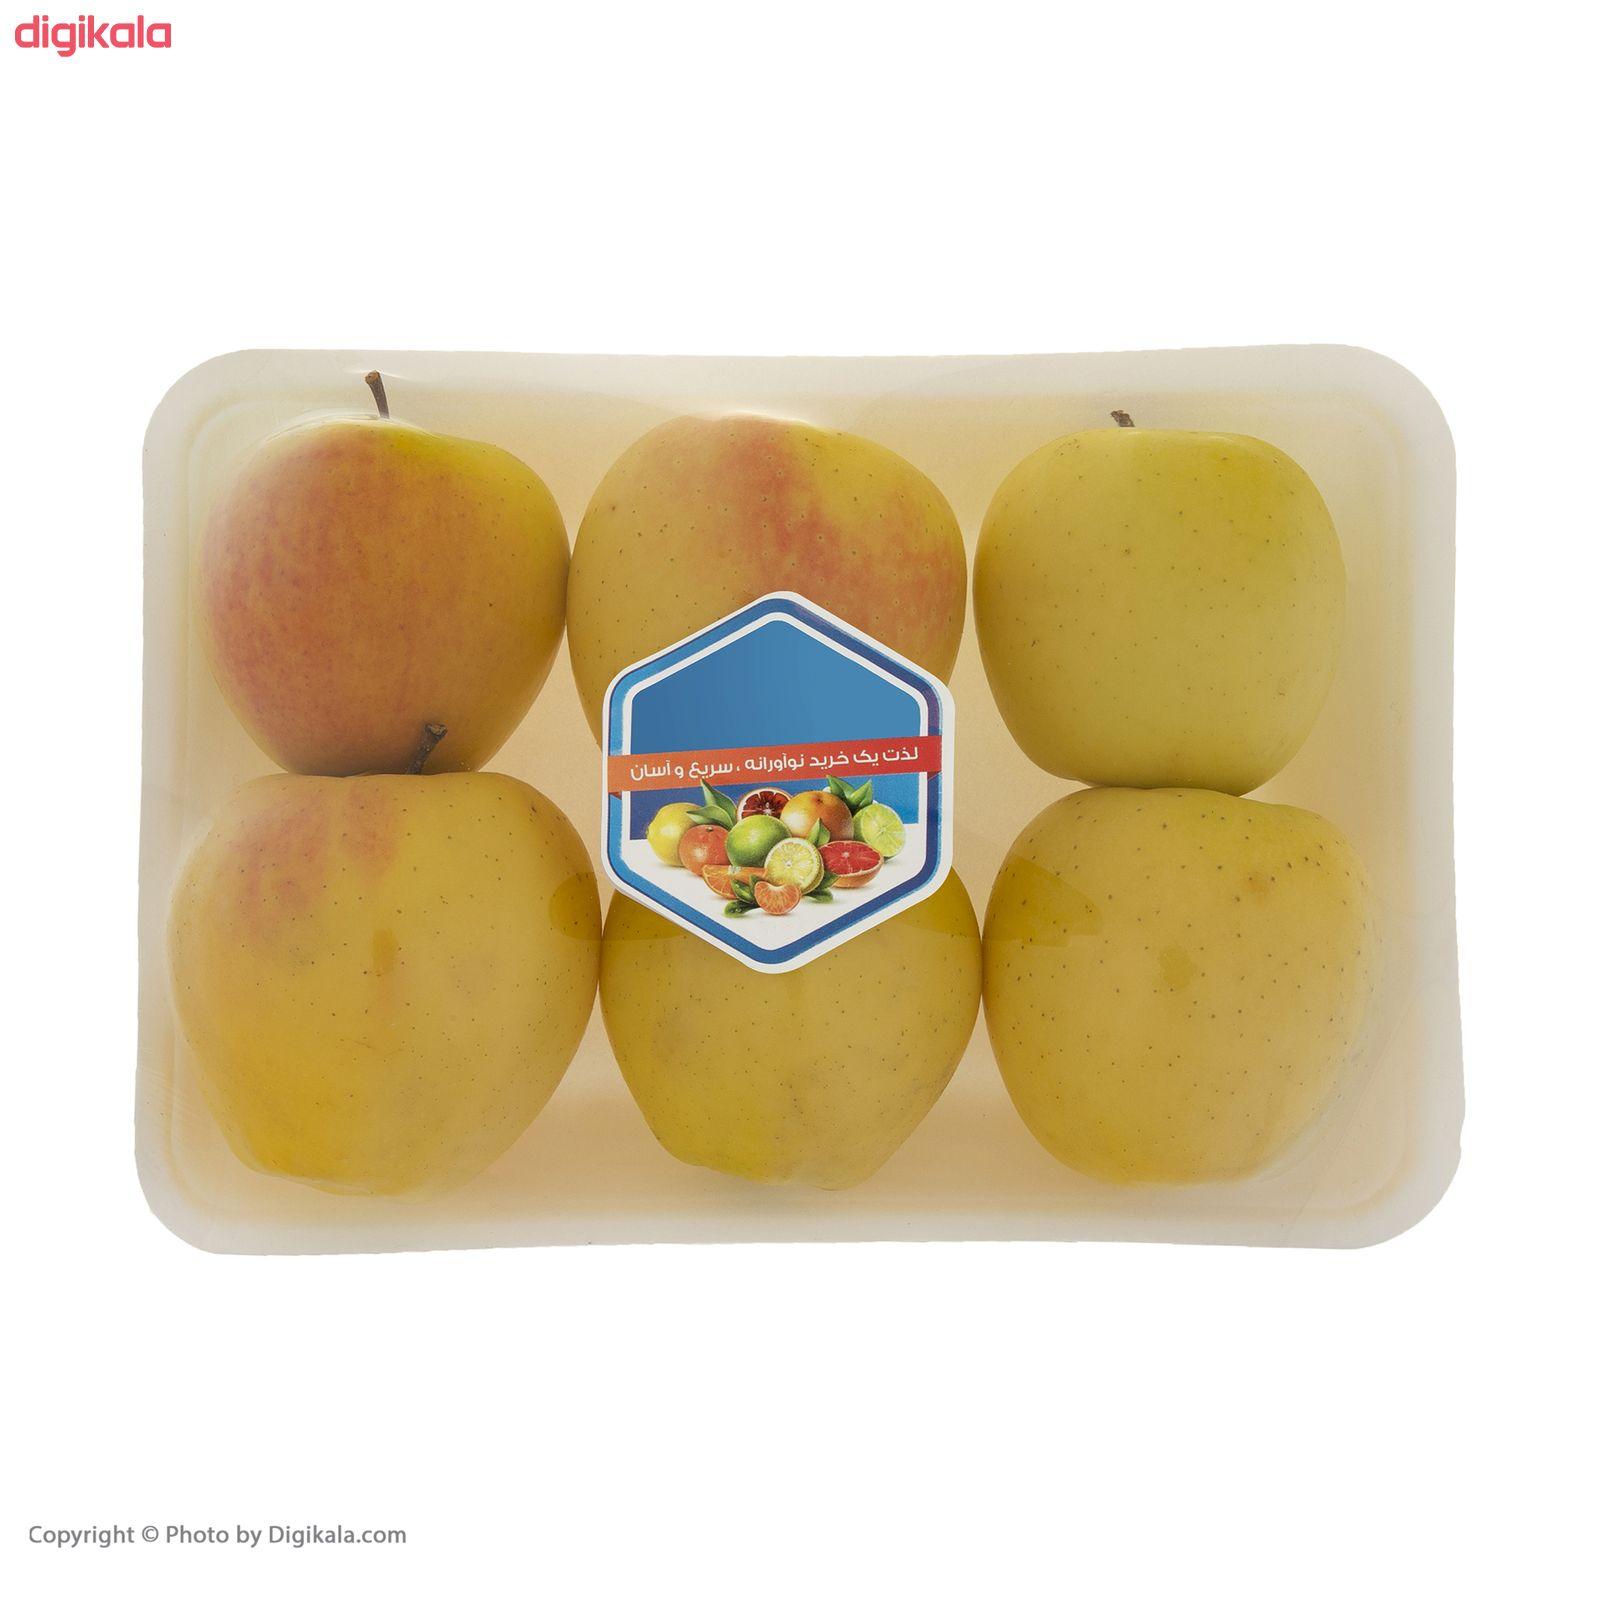 سیب زرد میوه پلاس - 1 کیلوگرم main 1 4